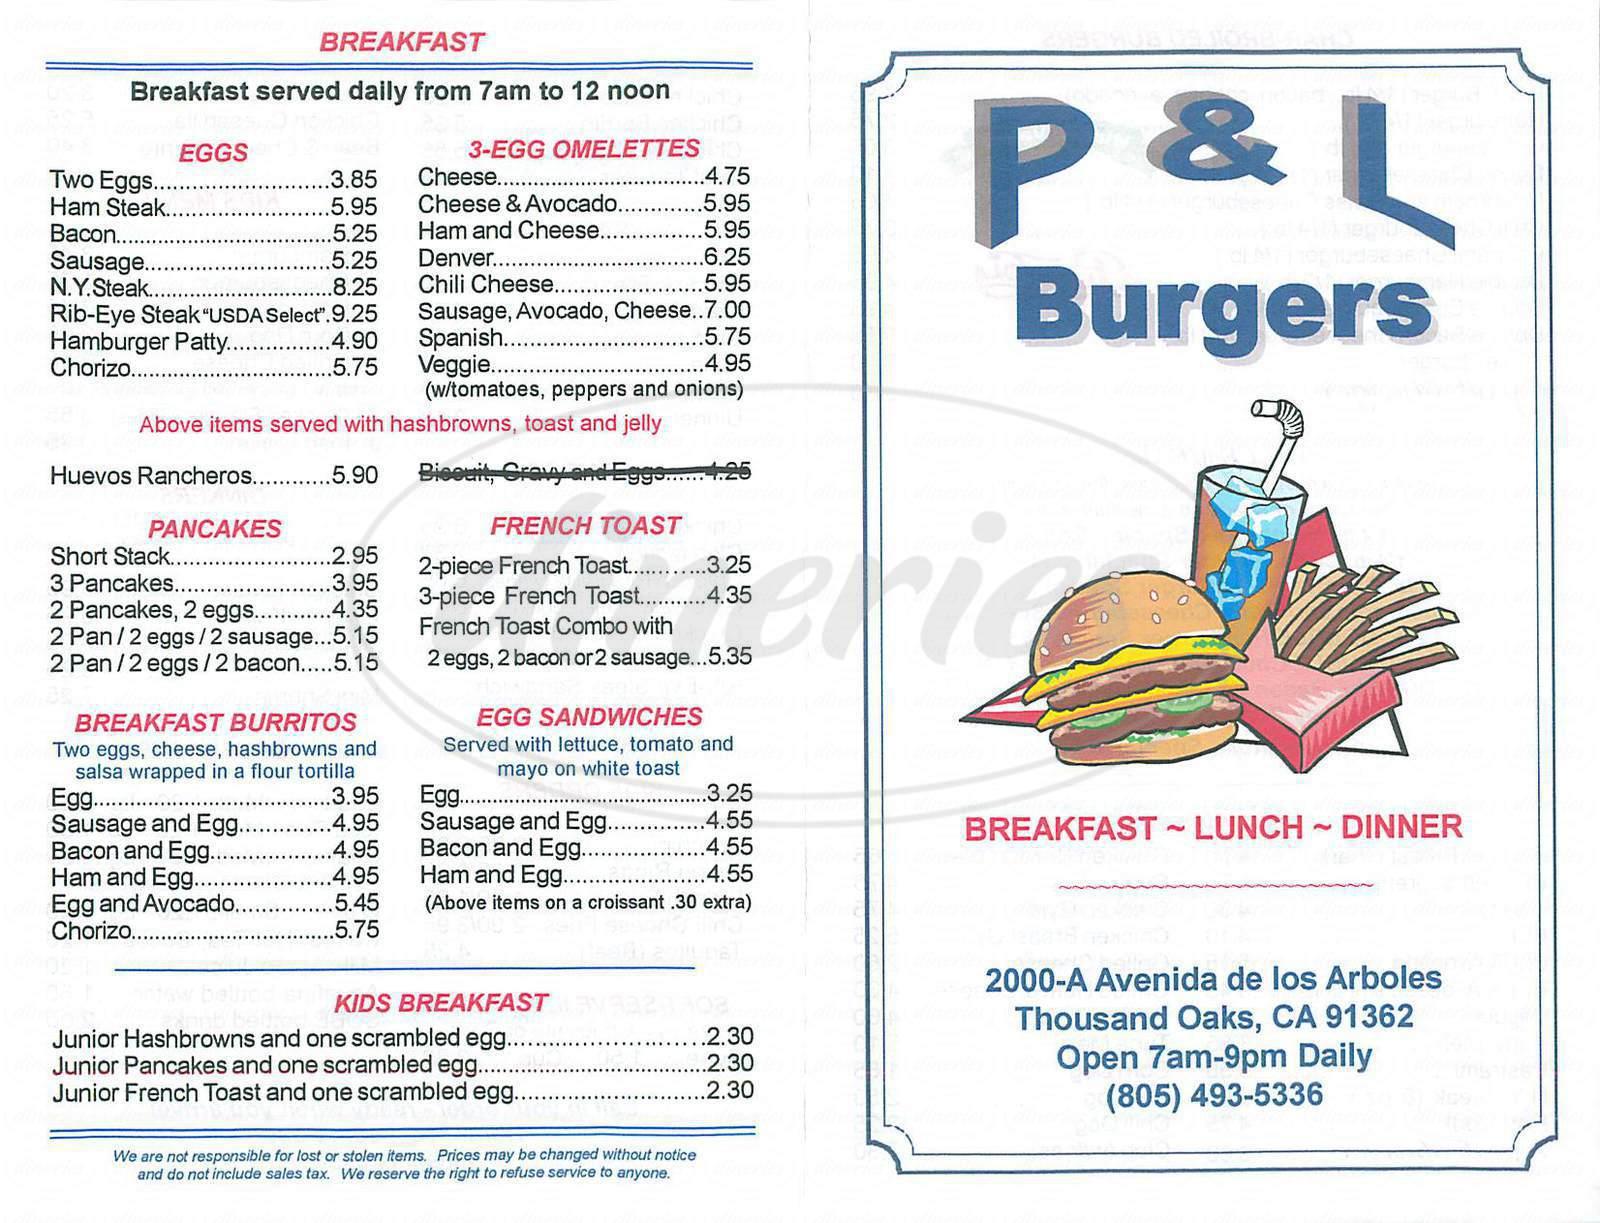 menu for P & L Burgers